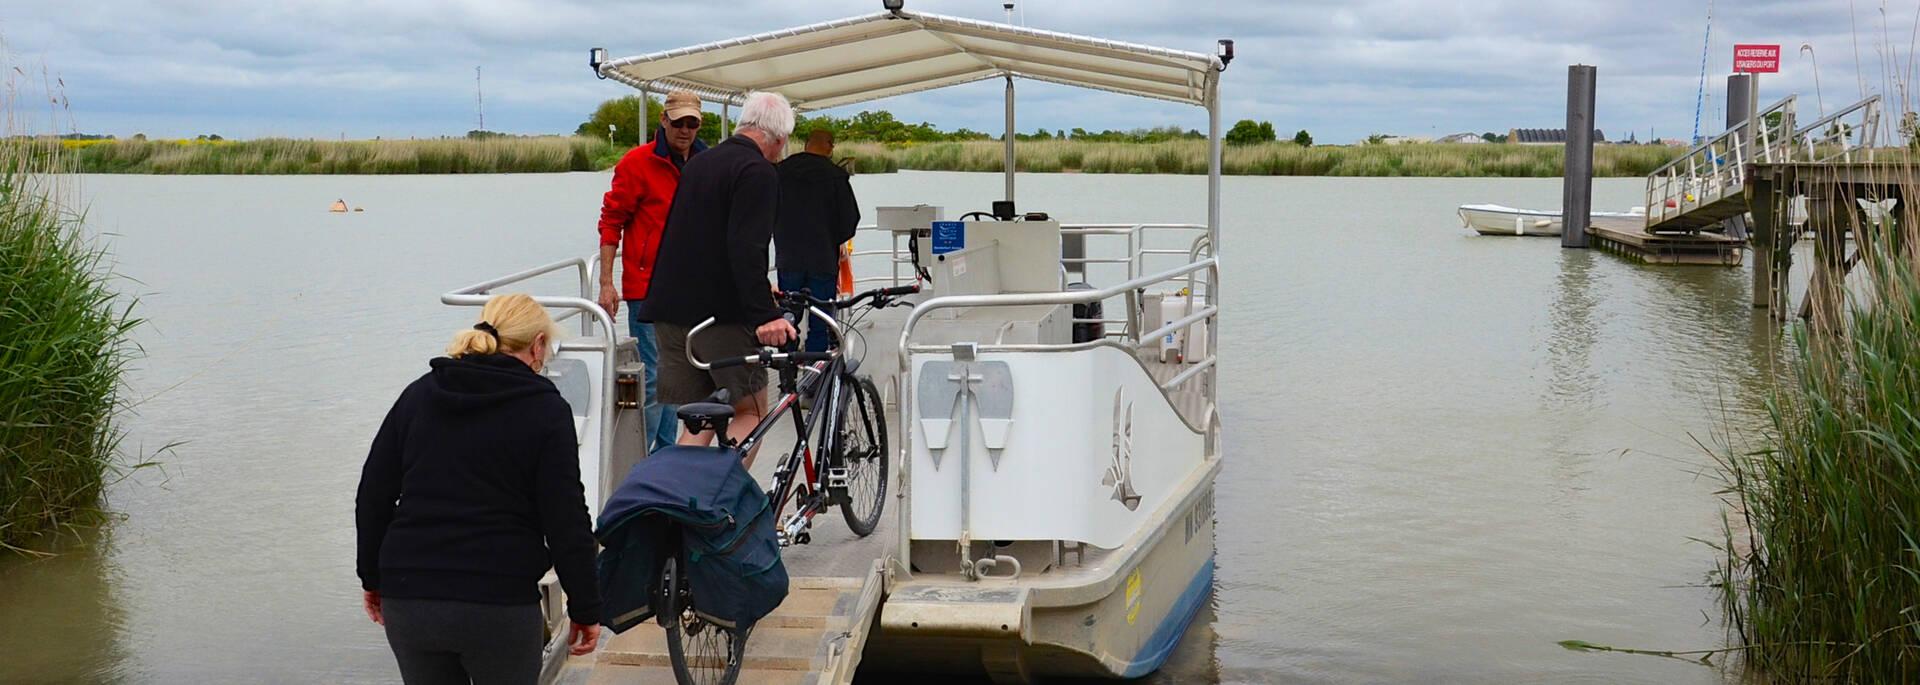 Cyclistes à bord de la navette pour traverser la Charente - © Samuel Courtois